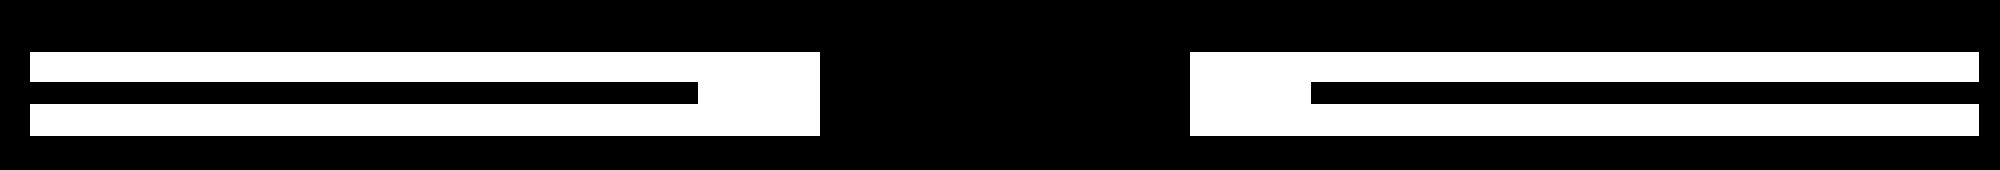 分割线3.png